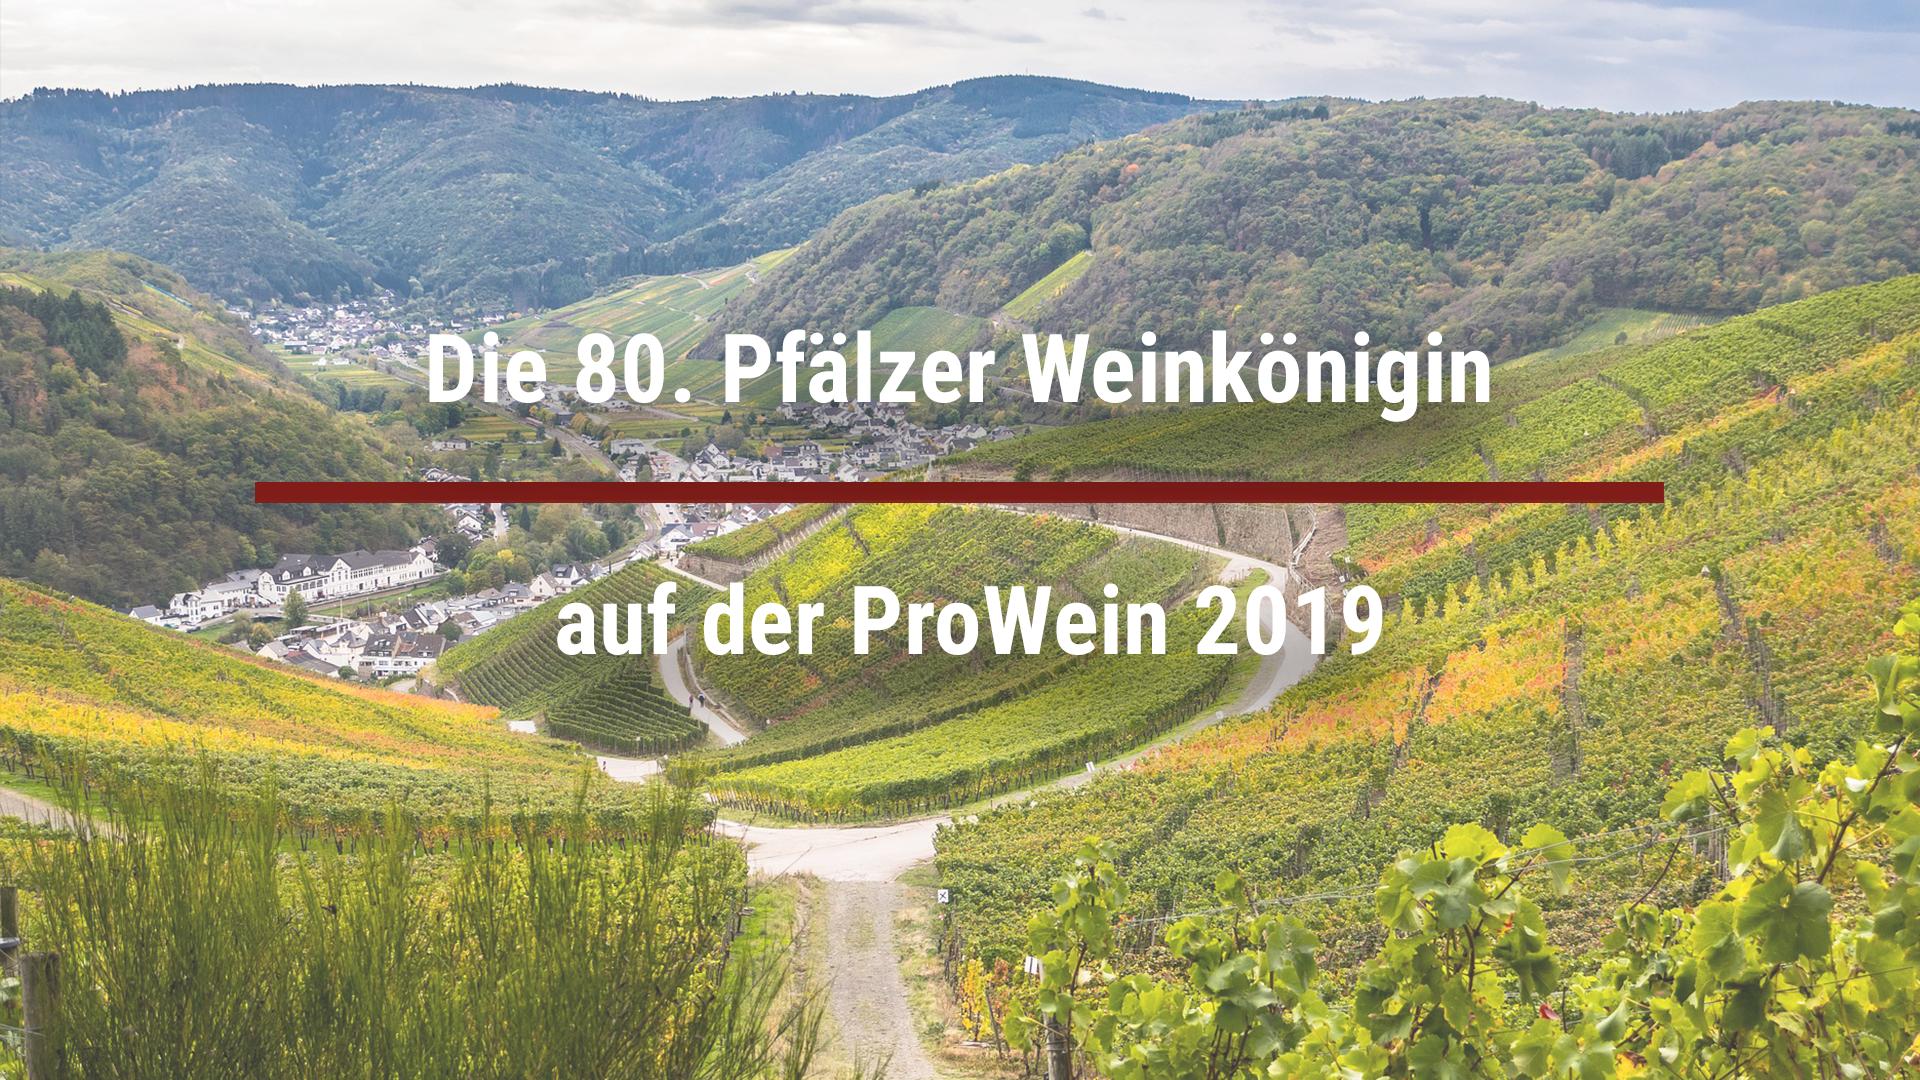 Die 80. Pfälzer Weinkönigin auf der ProWein 2019